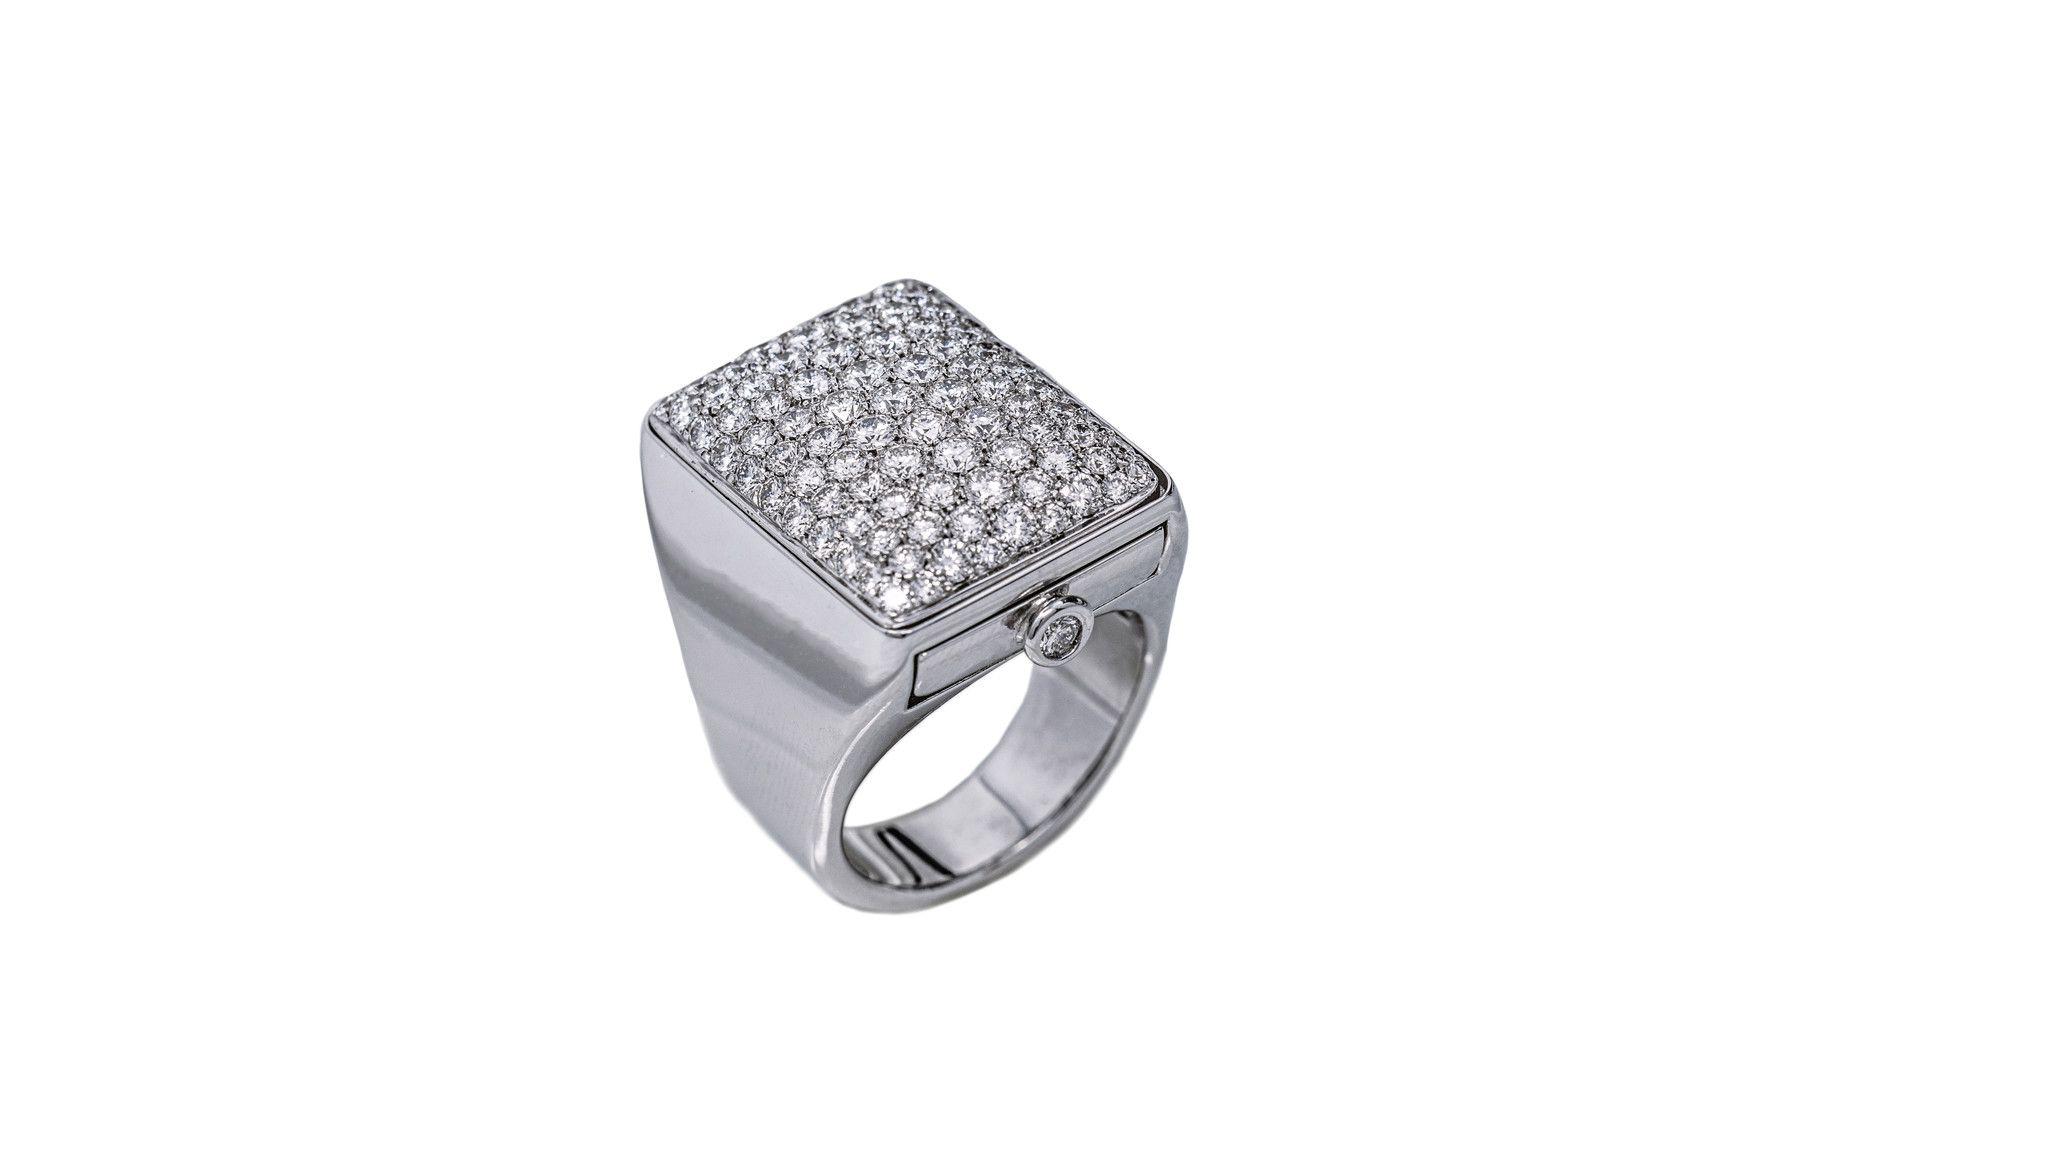 Segreto ring